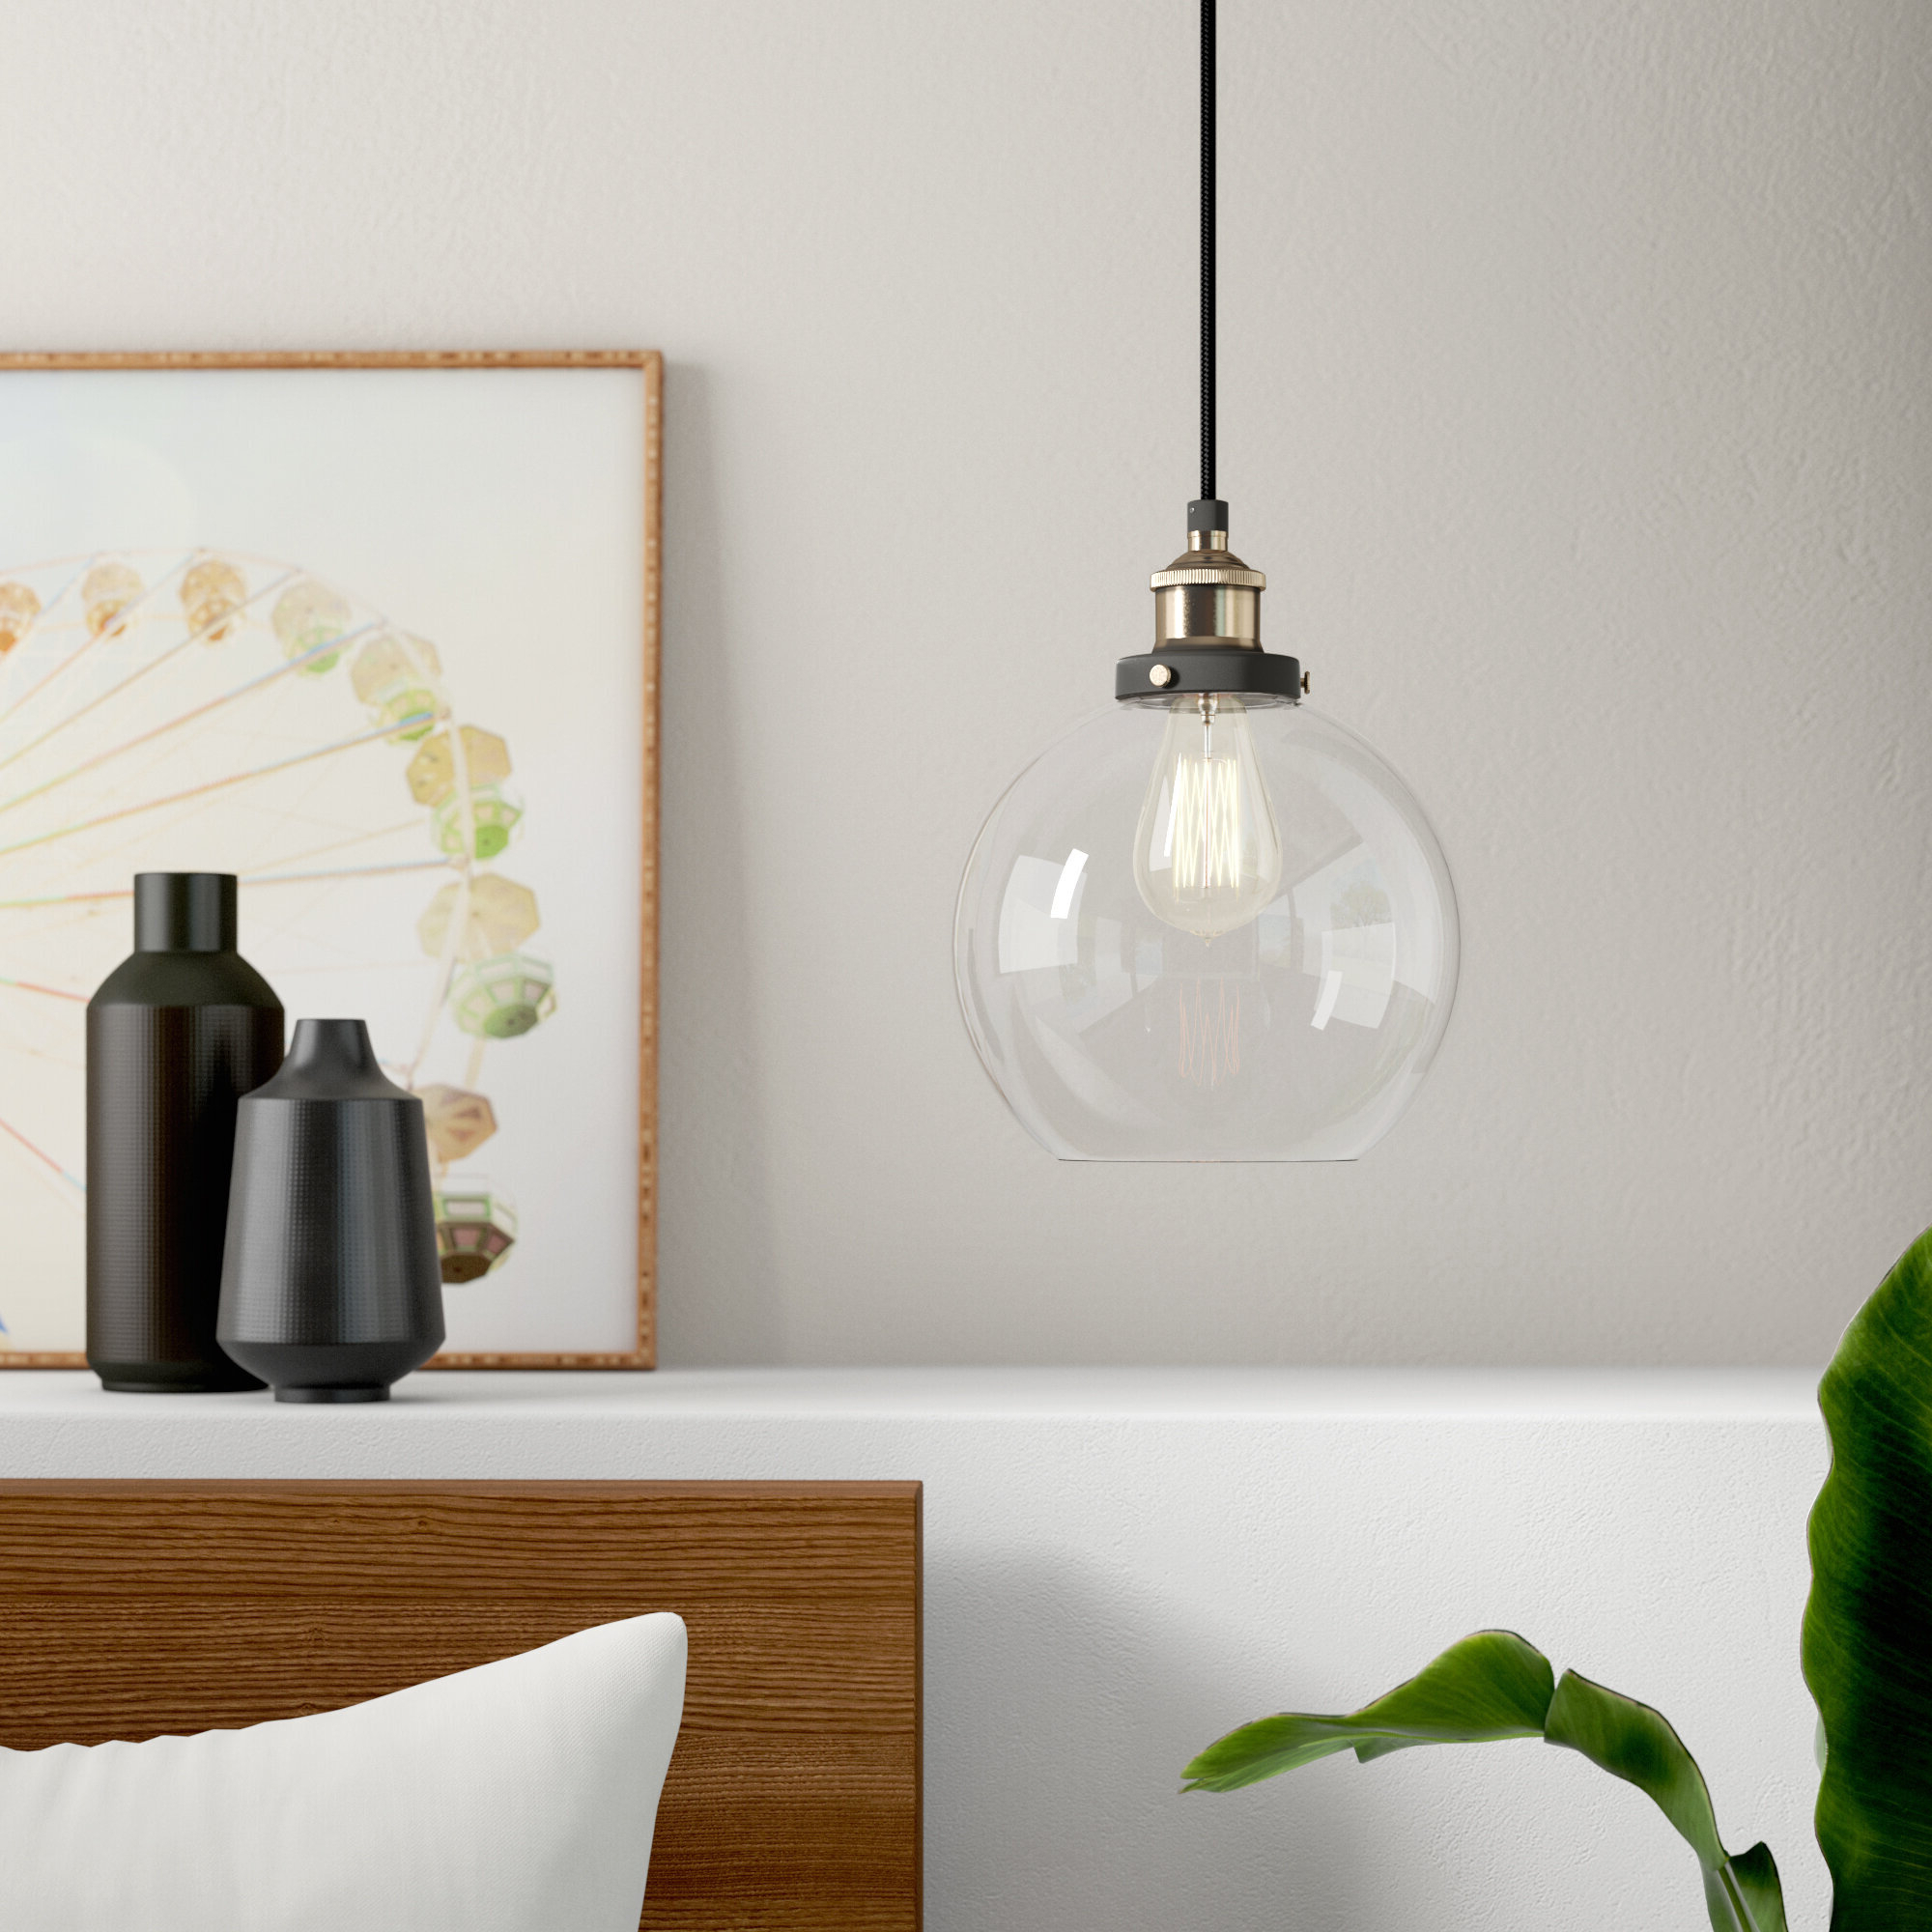 Bundy 1 Light Single Globe Pendant With Preferred Cayden 1 Light Single Globe Pendants (View 8 of 25)